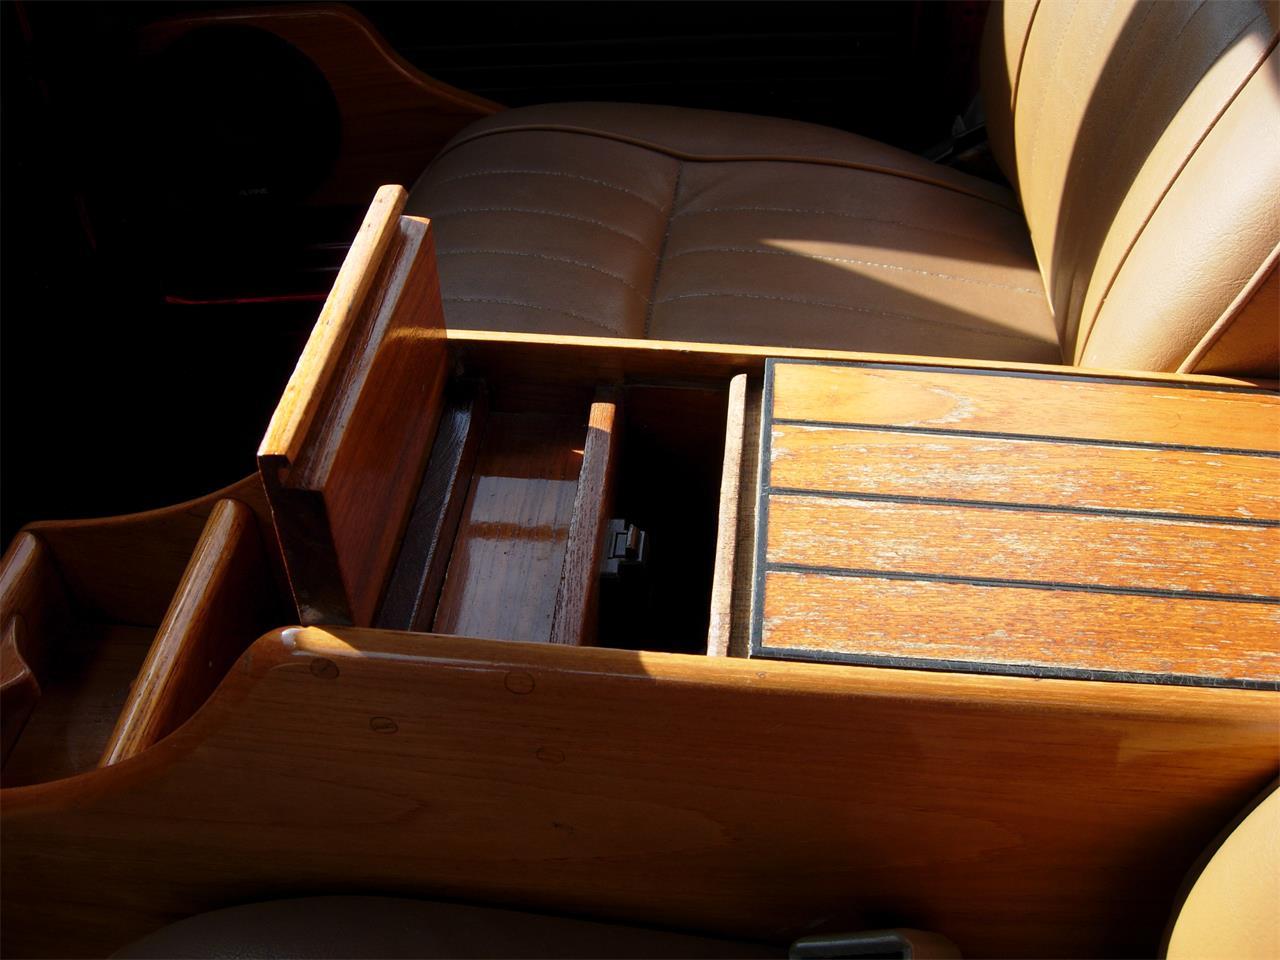 1979 Toyota Land Cruiser FJ (CC-1305203) for sale in Mission Viejo, California